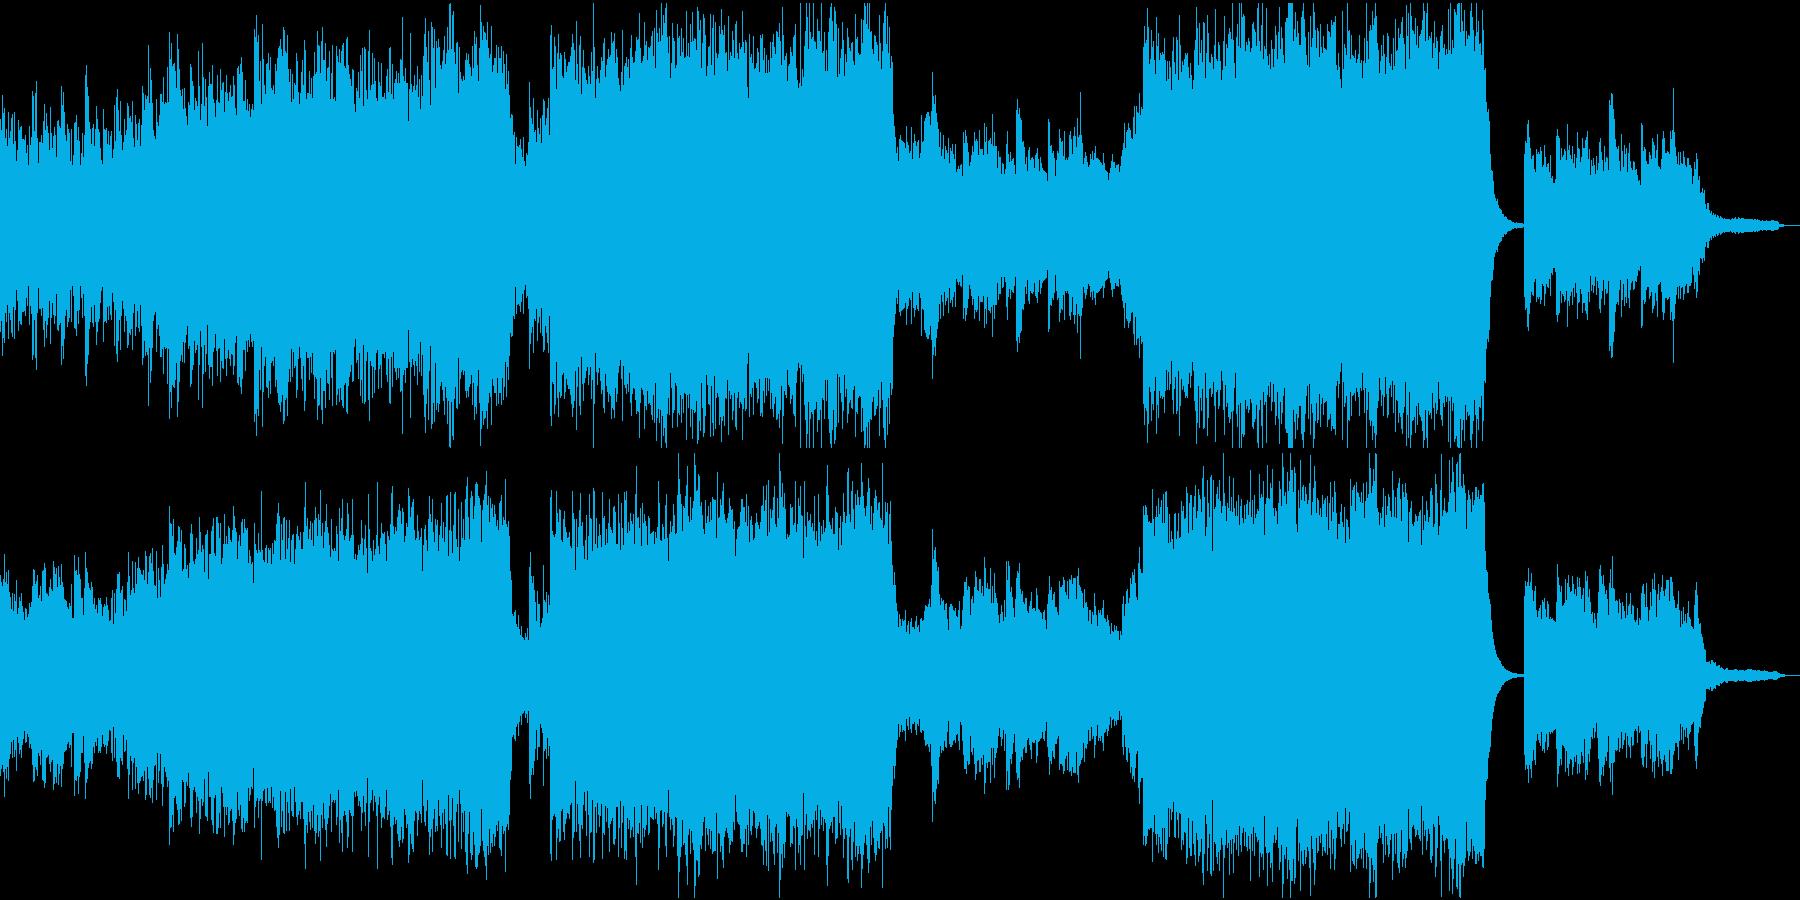 ヒーリング系 感動的なエピック 映画 海の再生済みの波形